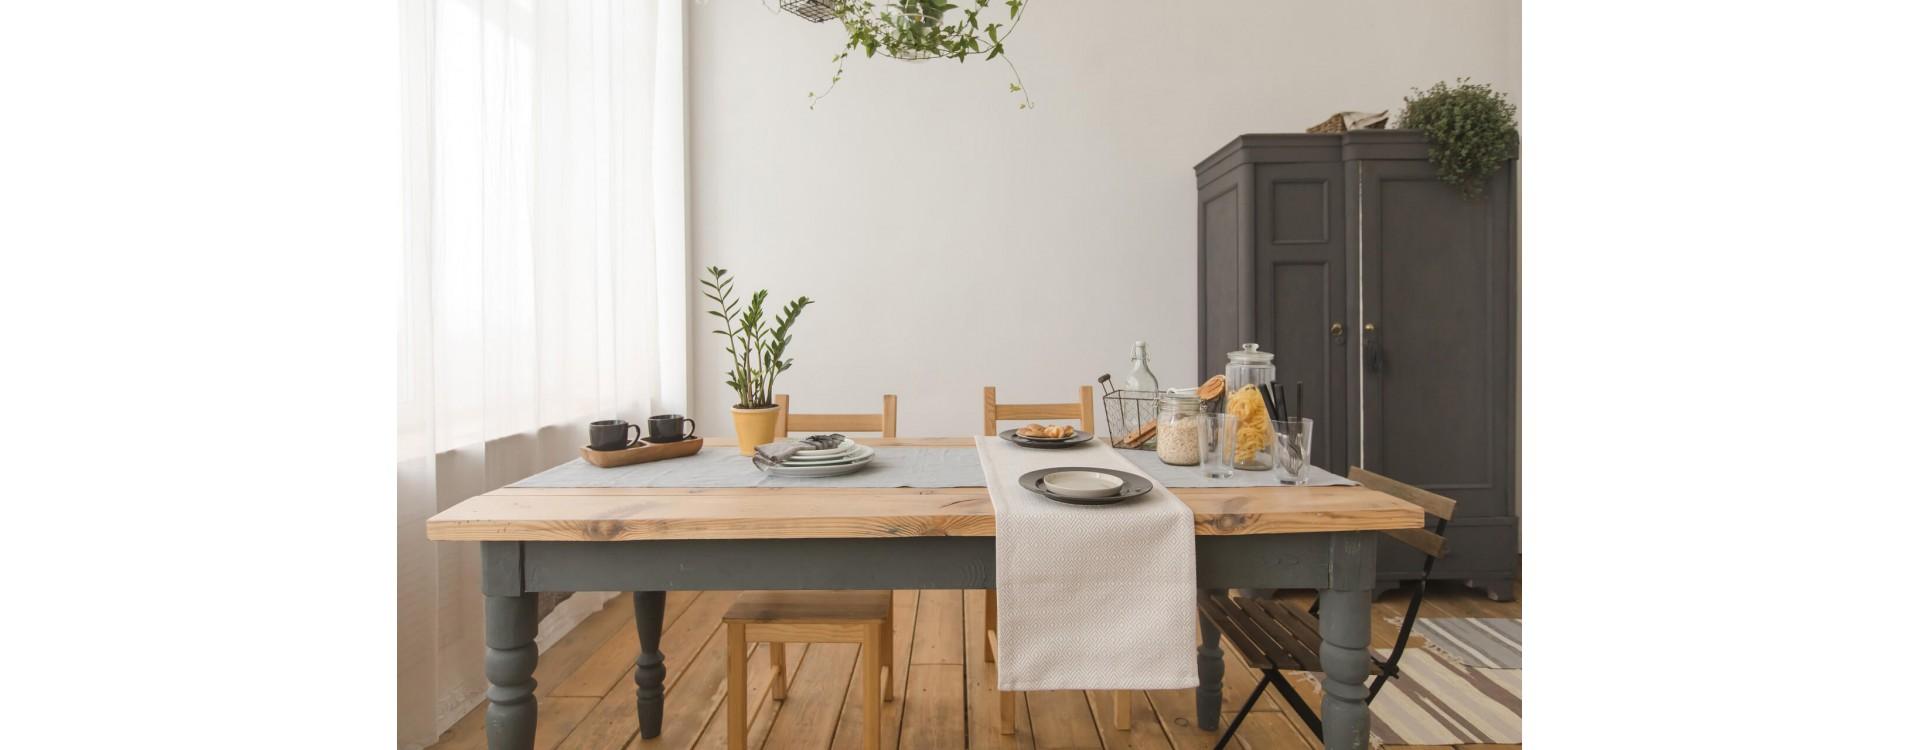 Piani per tavolo in legno massello su misura: guida all'acquisto